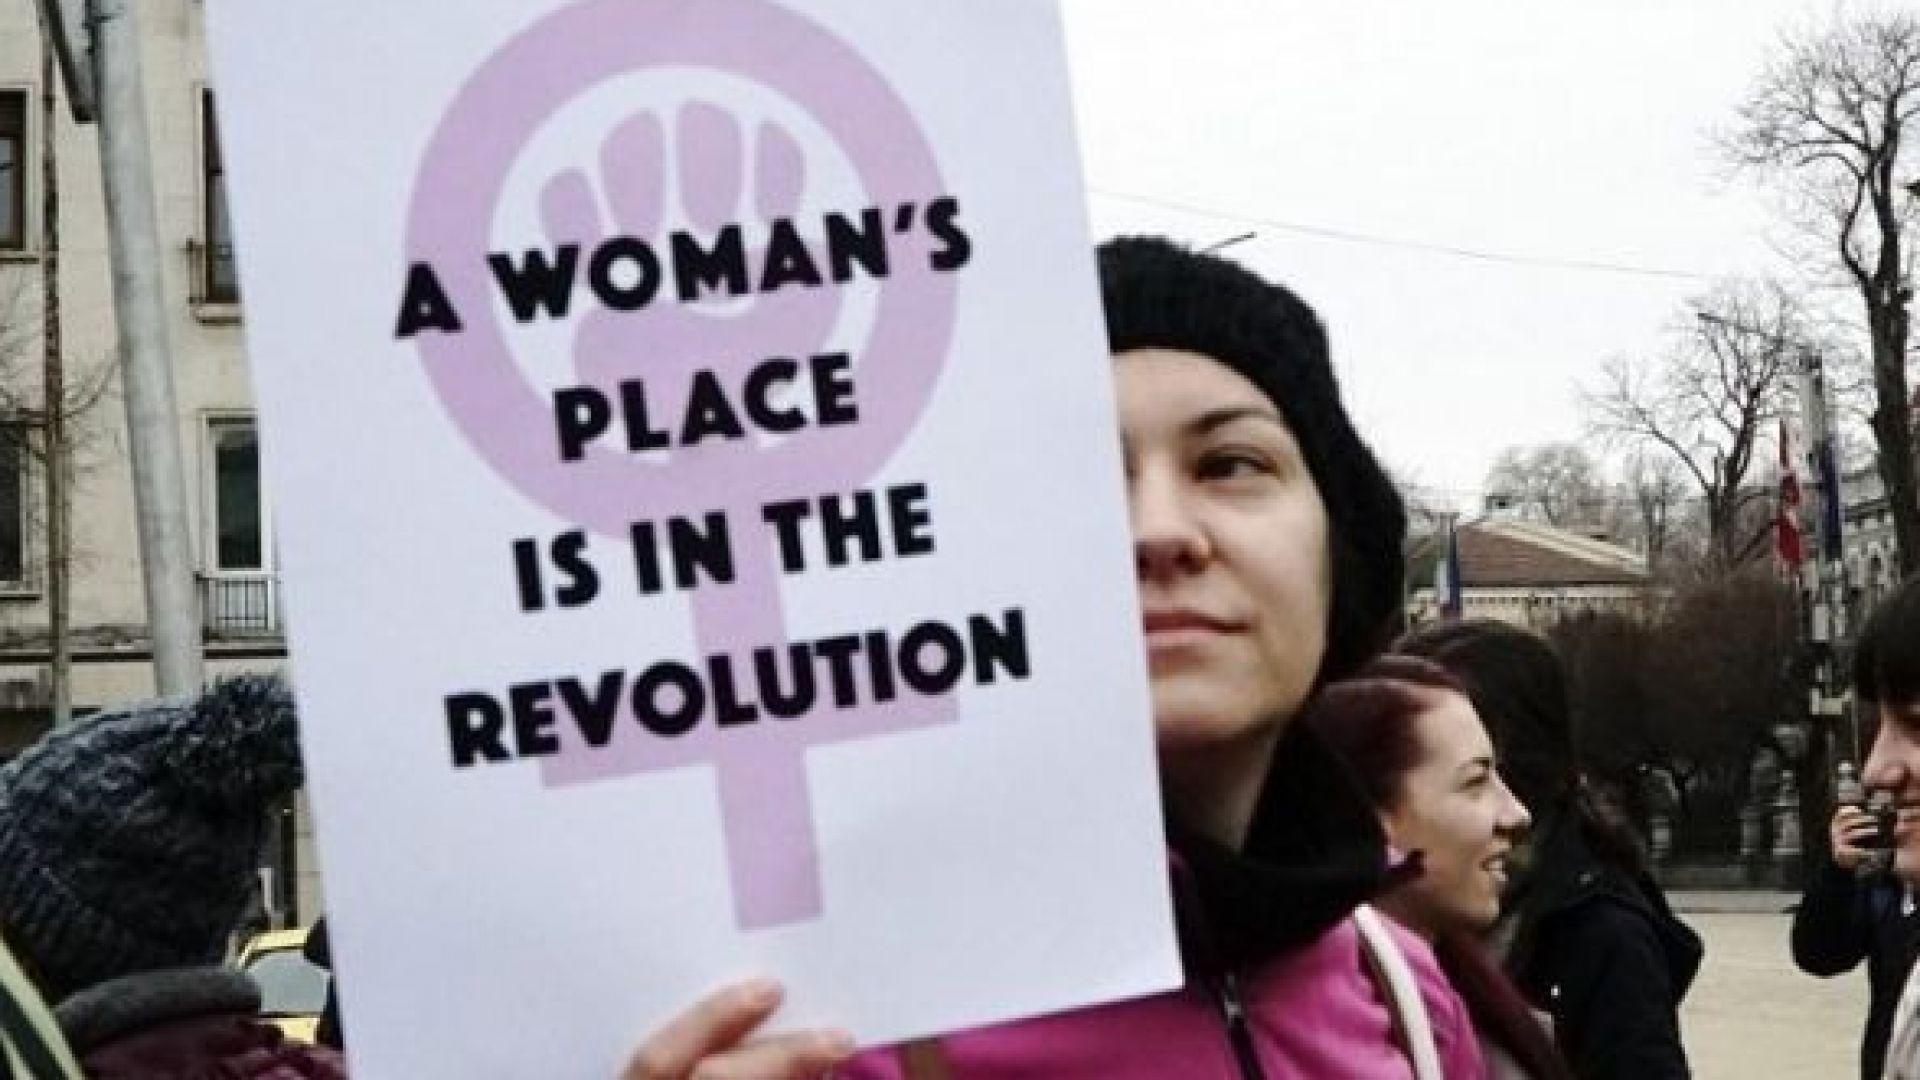 Българският фонд за жените иска създаването на 28 кризисни центъра